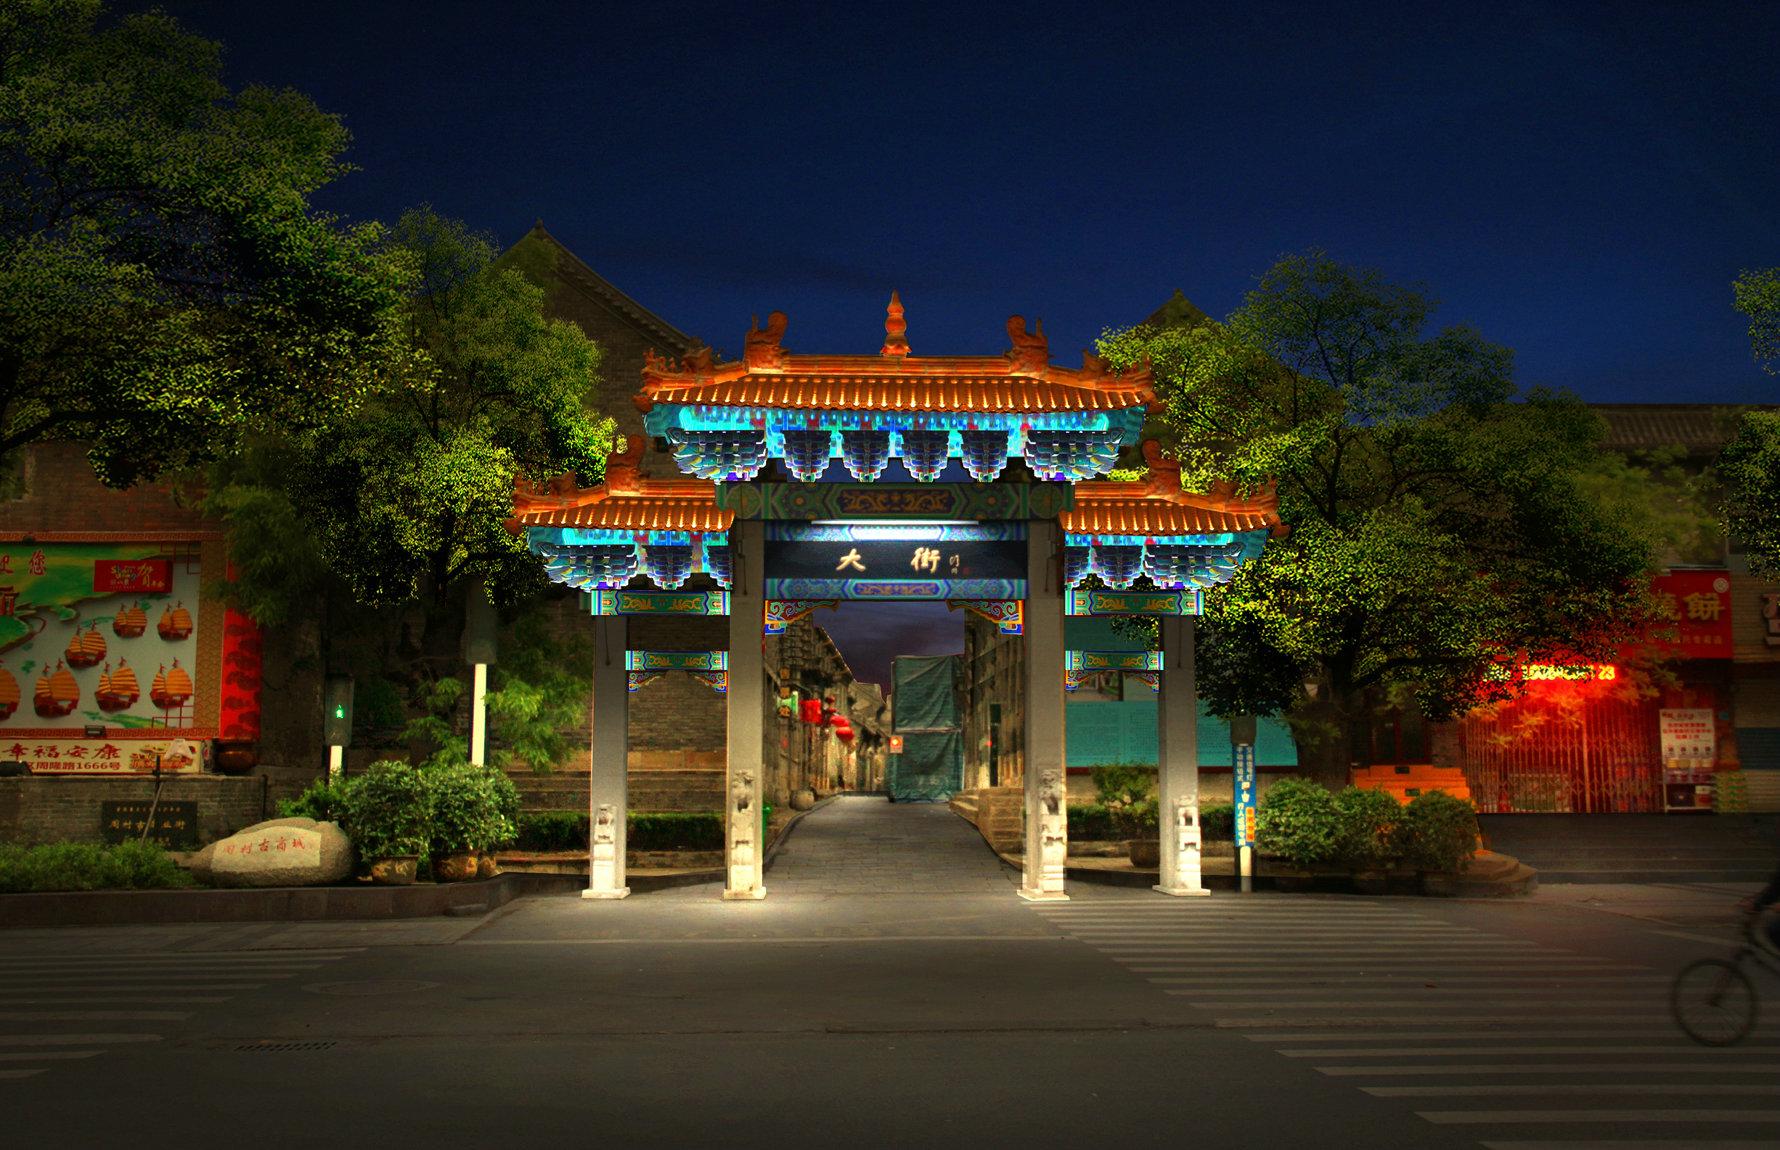 gushangchenglianghuasheji1